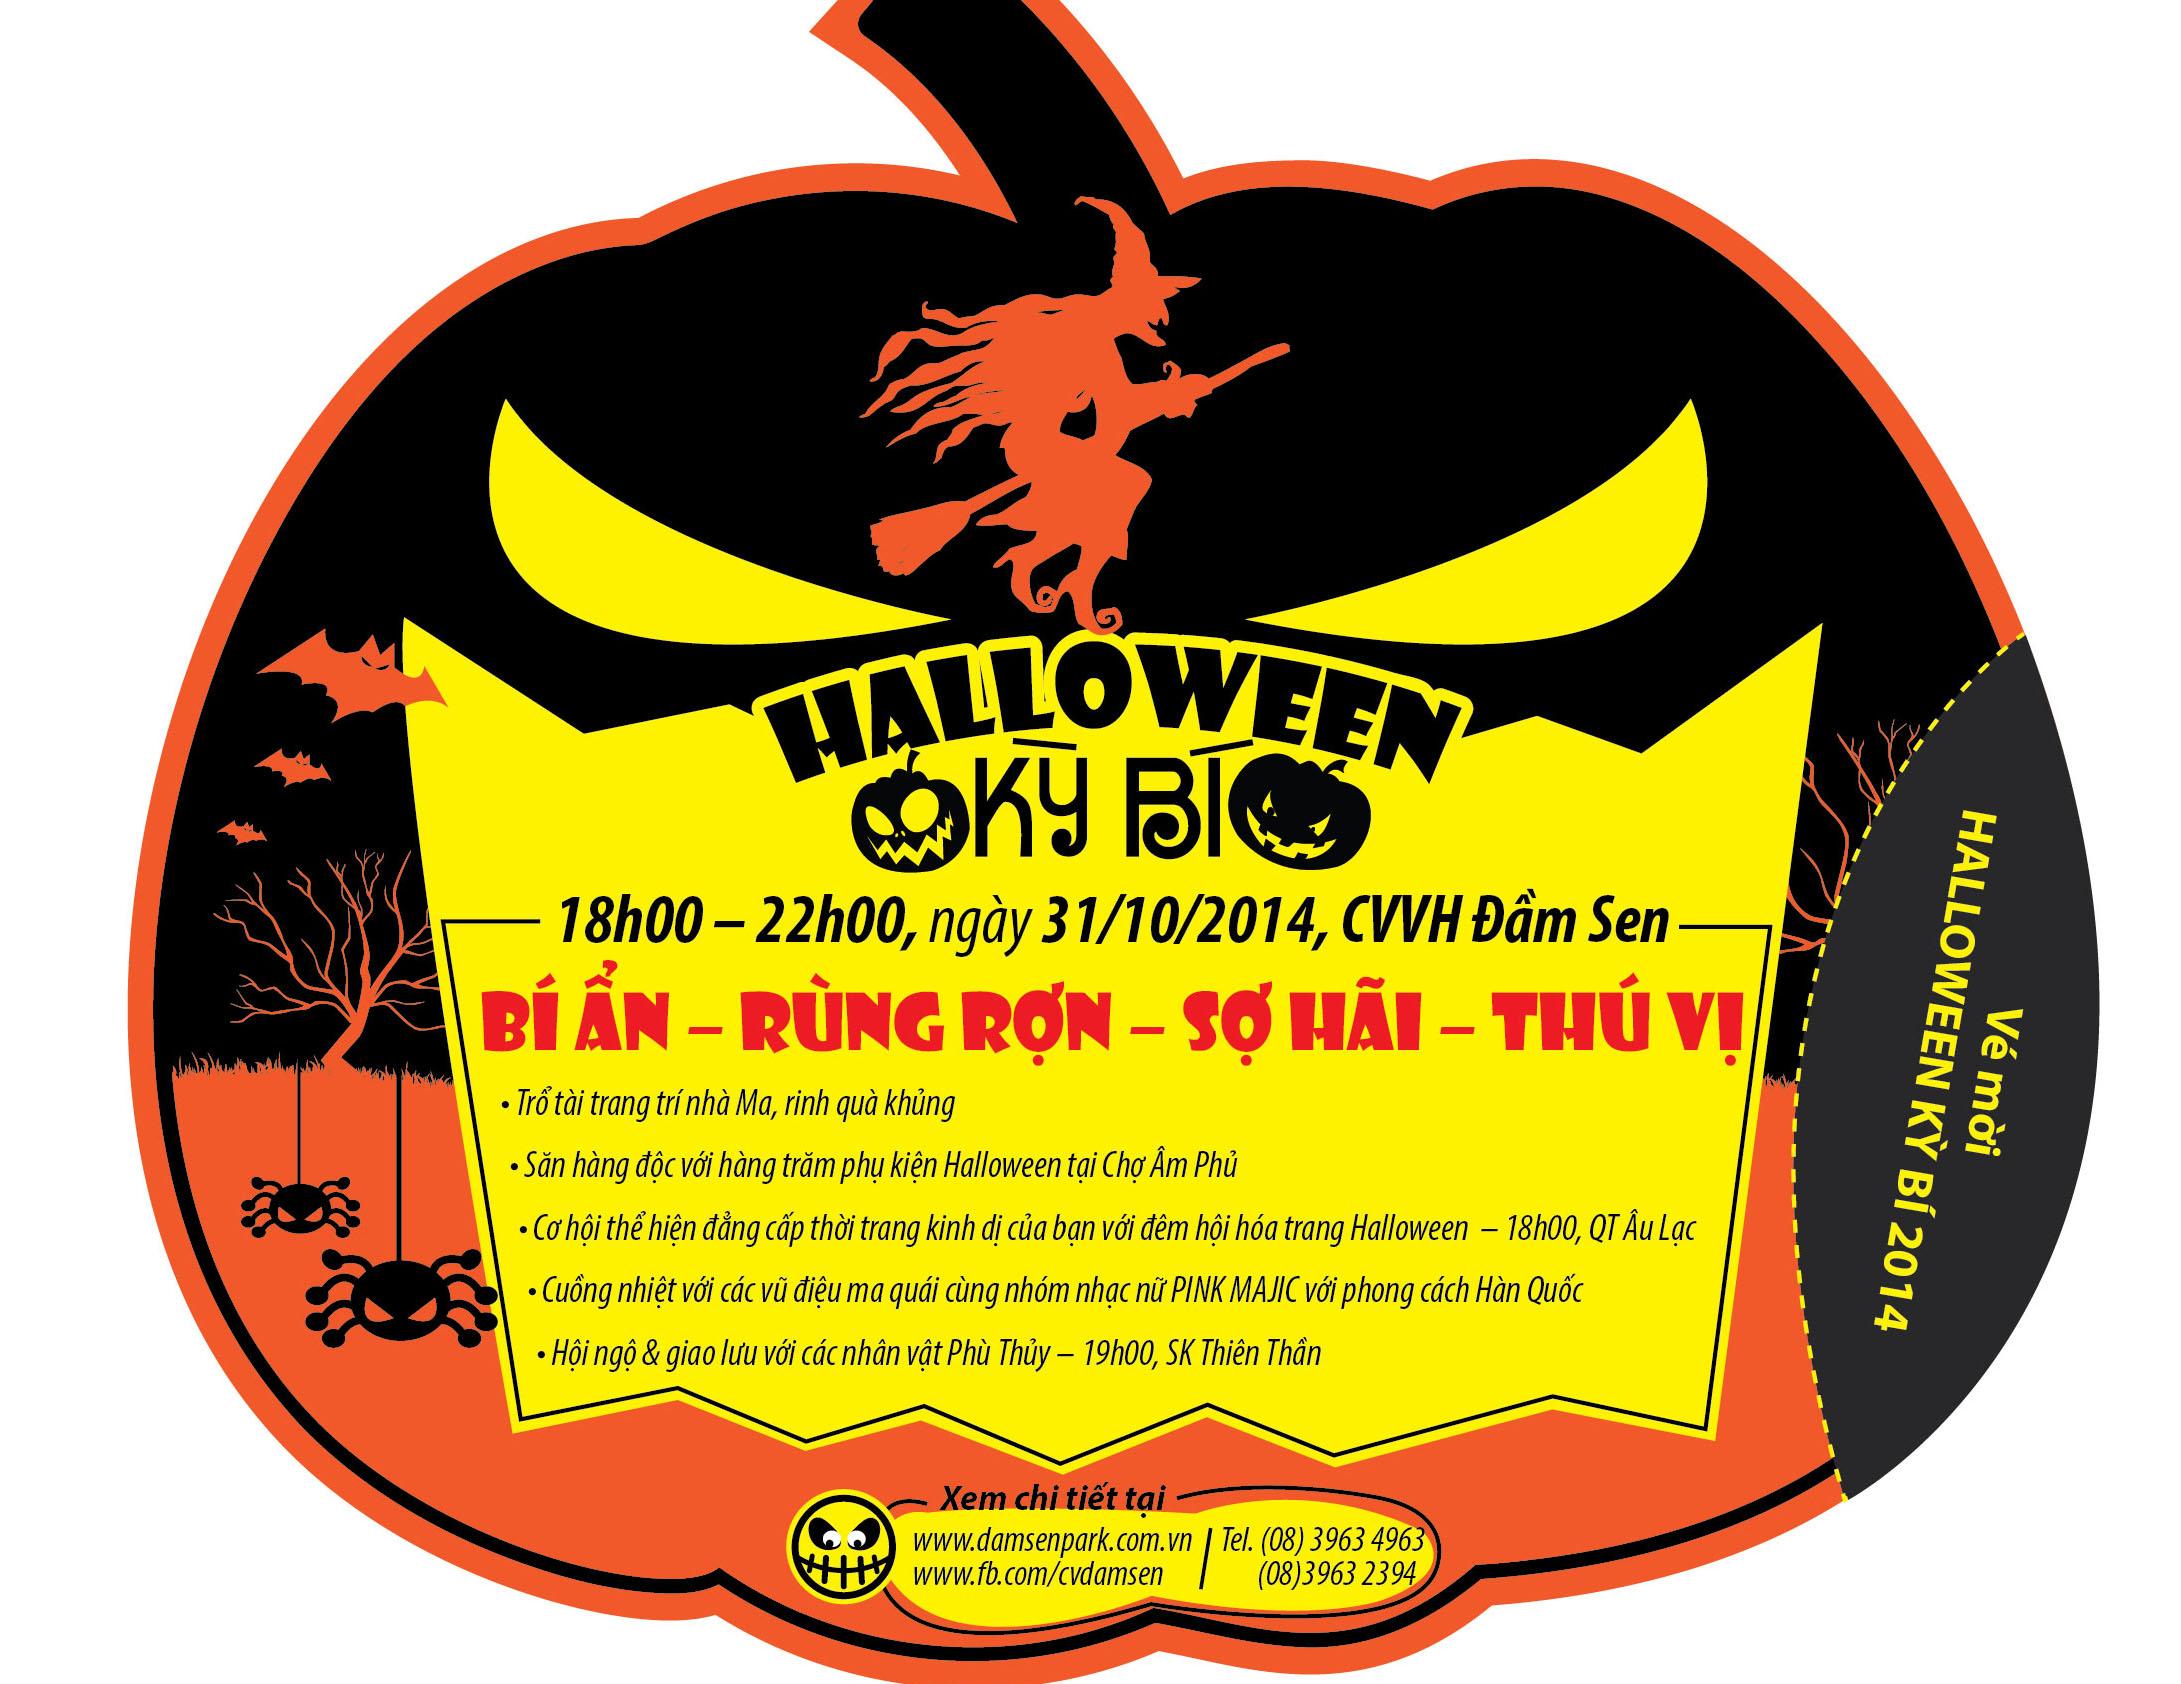 Halloween 2014: Những địa điểm chơi Halloween ở Sài Gòn, Hà Nội 6